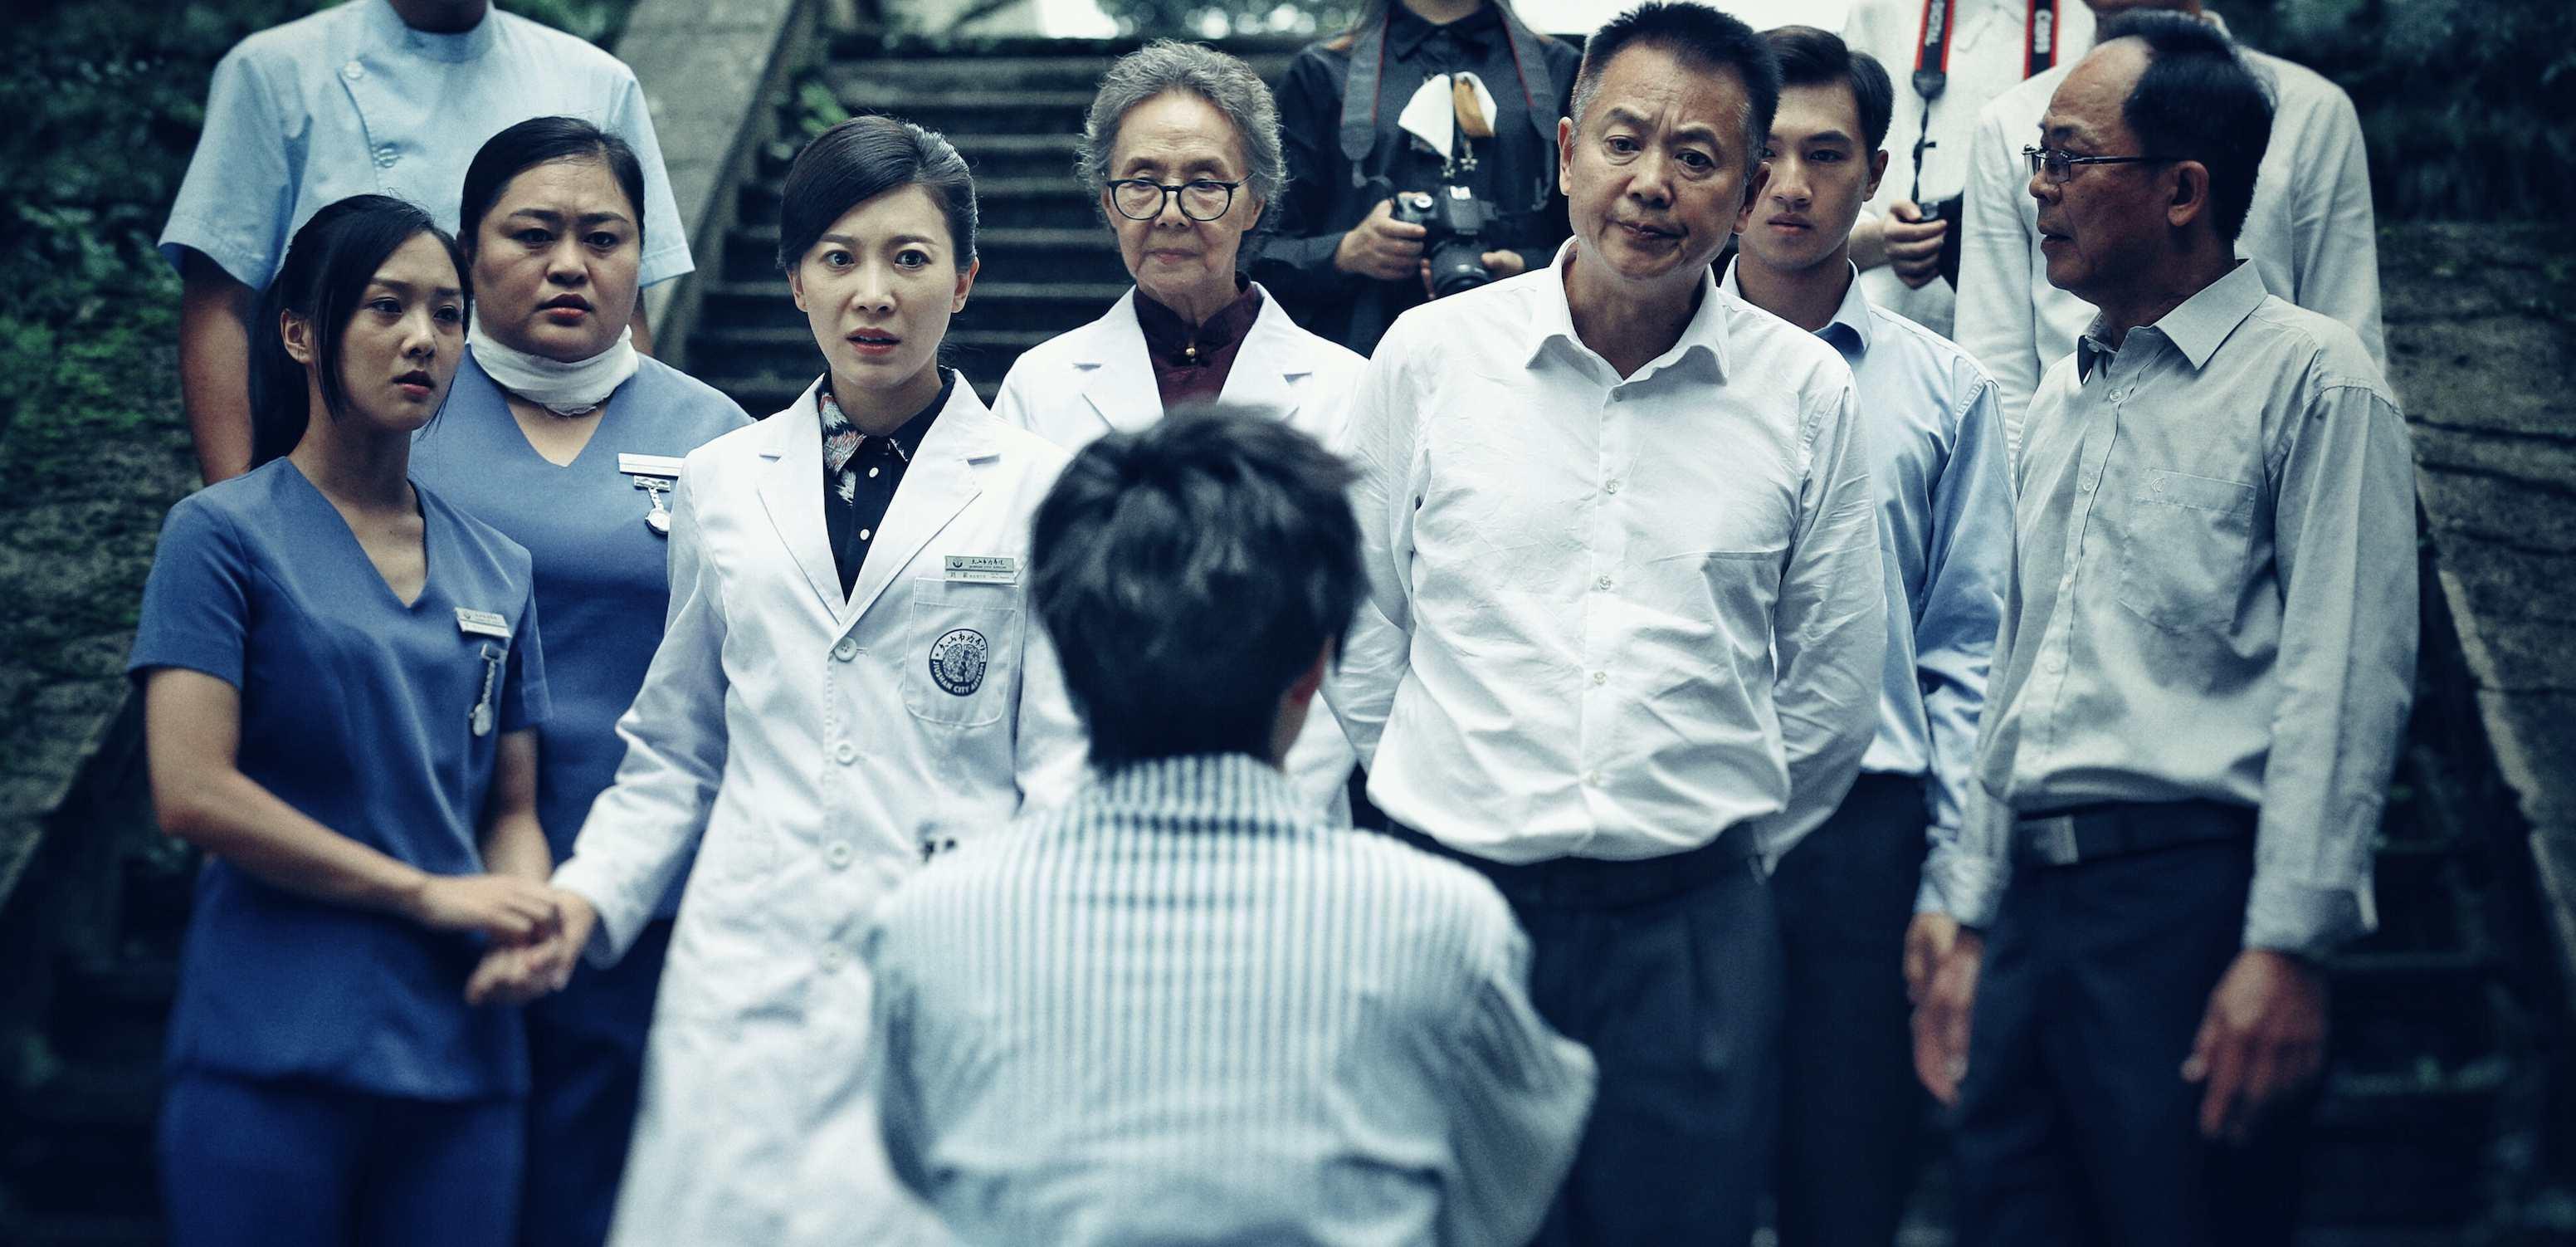 《疯人院》定档8月9日 映射现实世界伦理、道德